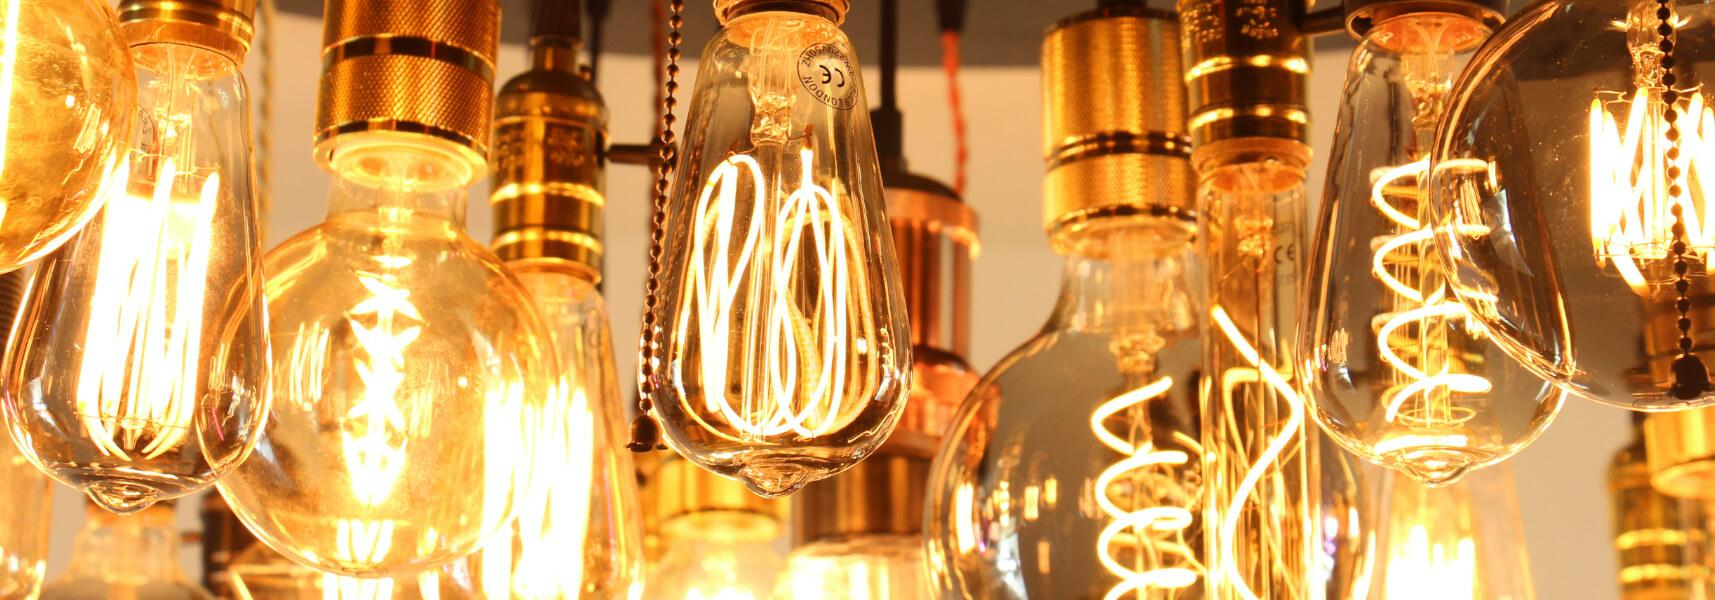 انواع لامپ های ادیسونی دکوراتیو